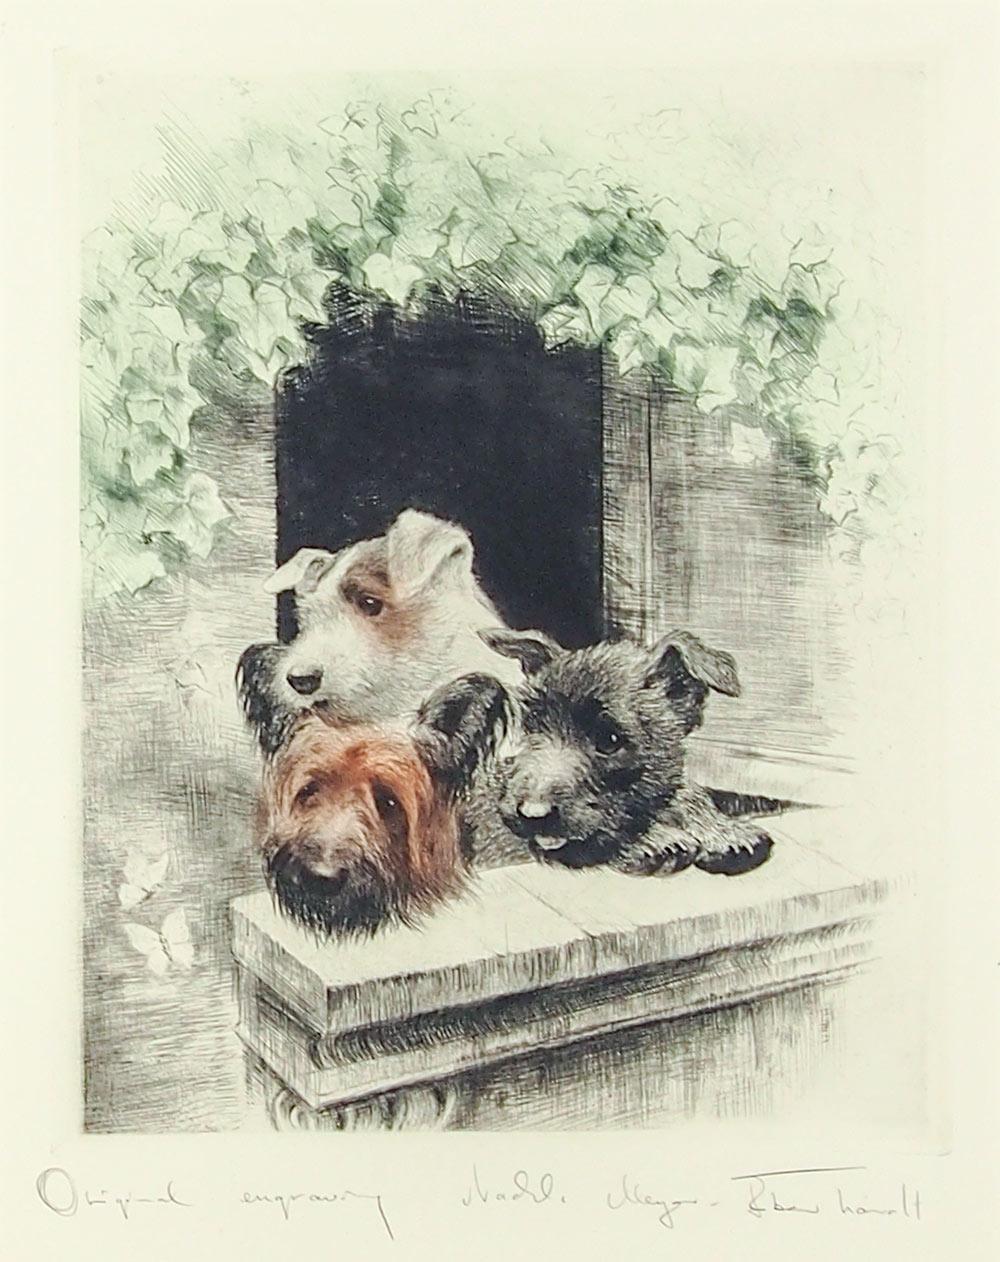 クルト・メイヤー=エバーハート 「バルコニーの三匹の小犬」